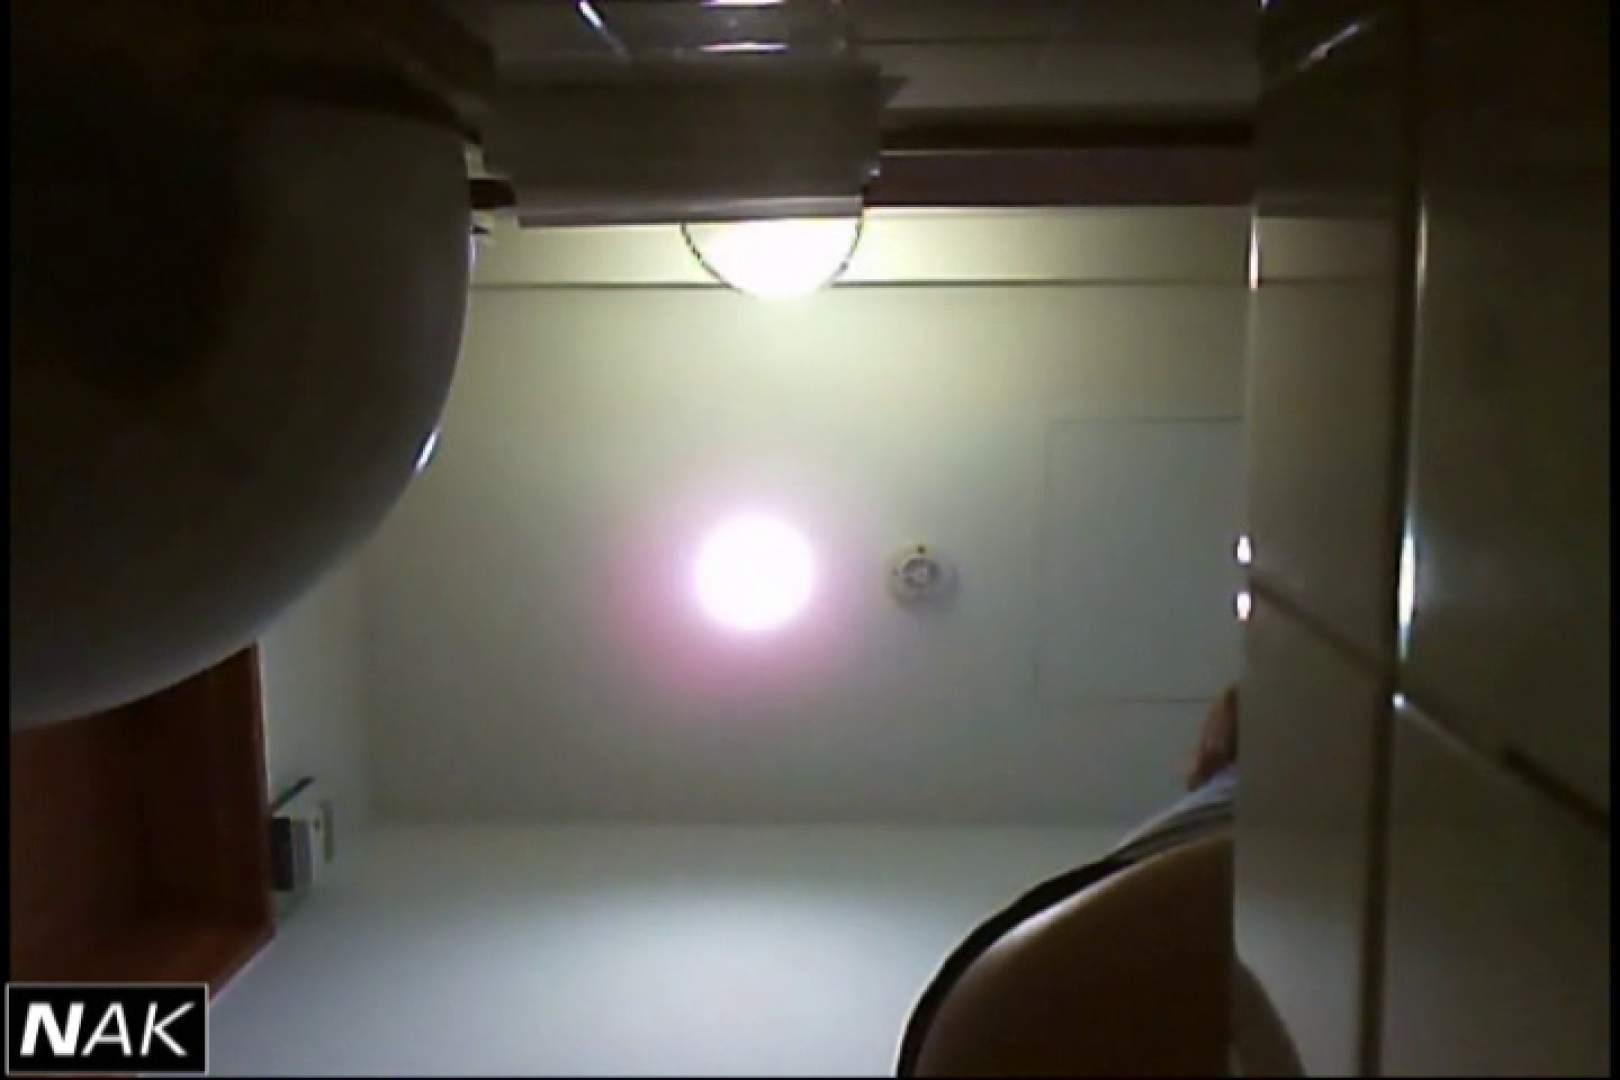 亀さんかわや VIP和式2カメバージョン! vol.14 マンコ特別編 セックス無修正動画無料 71枚 32